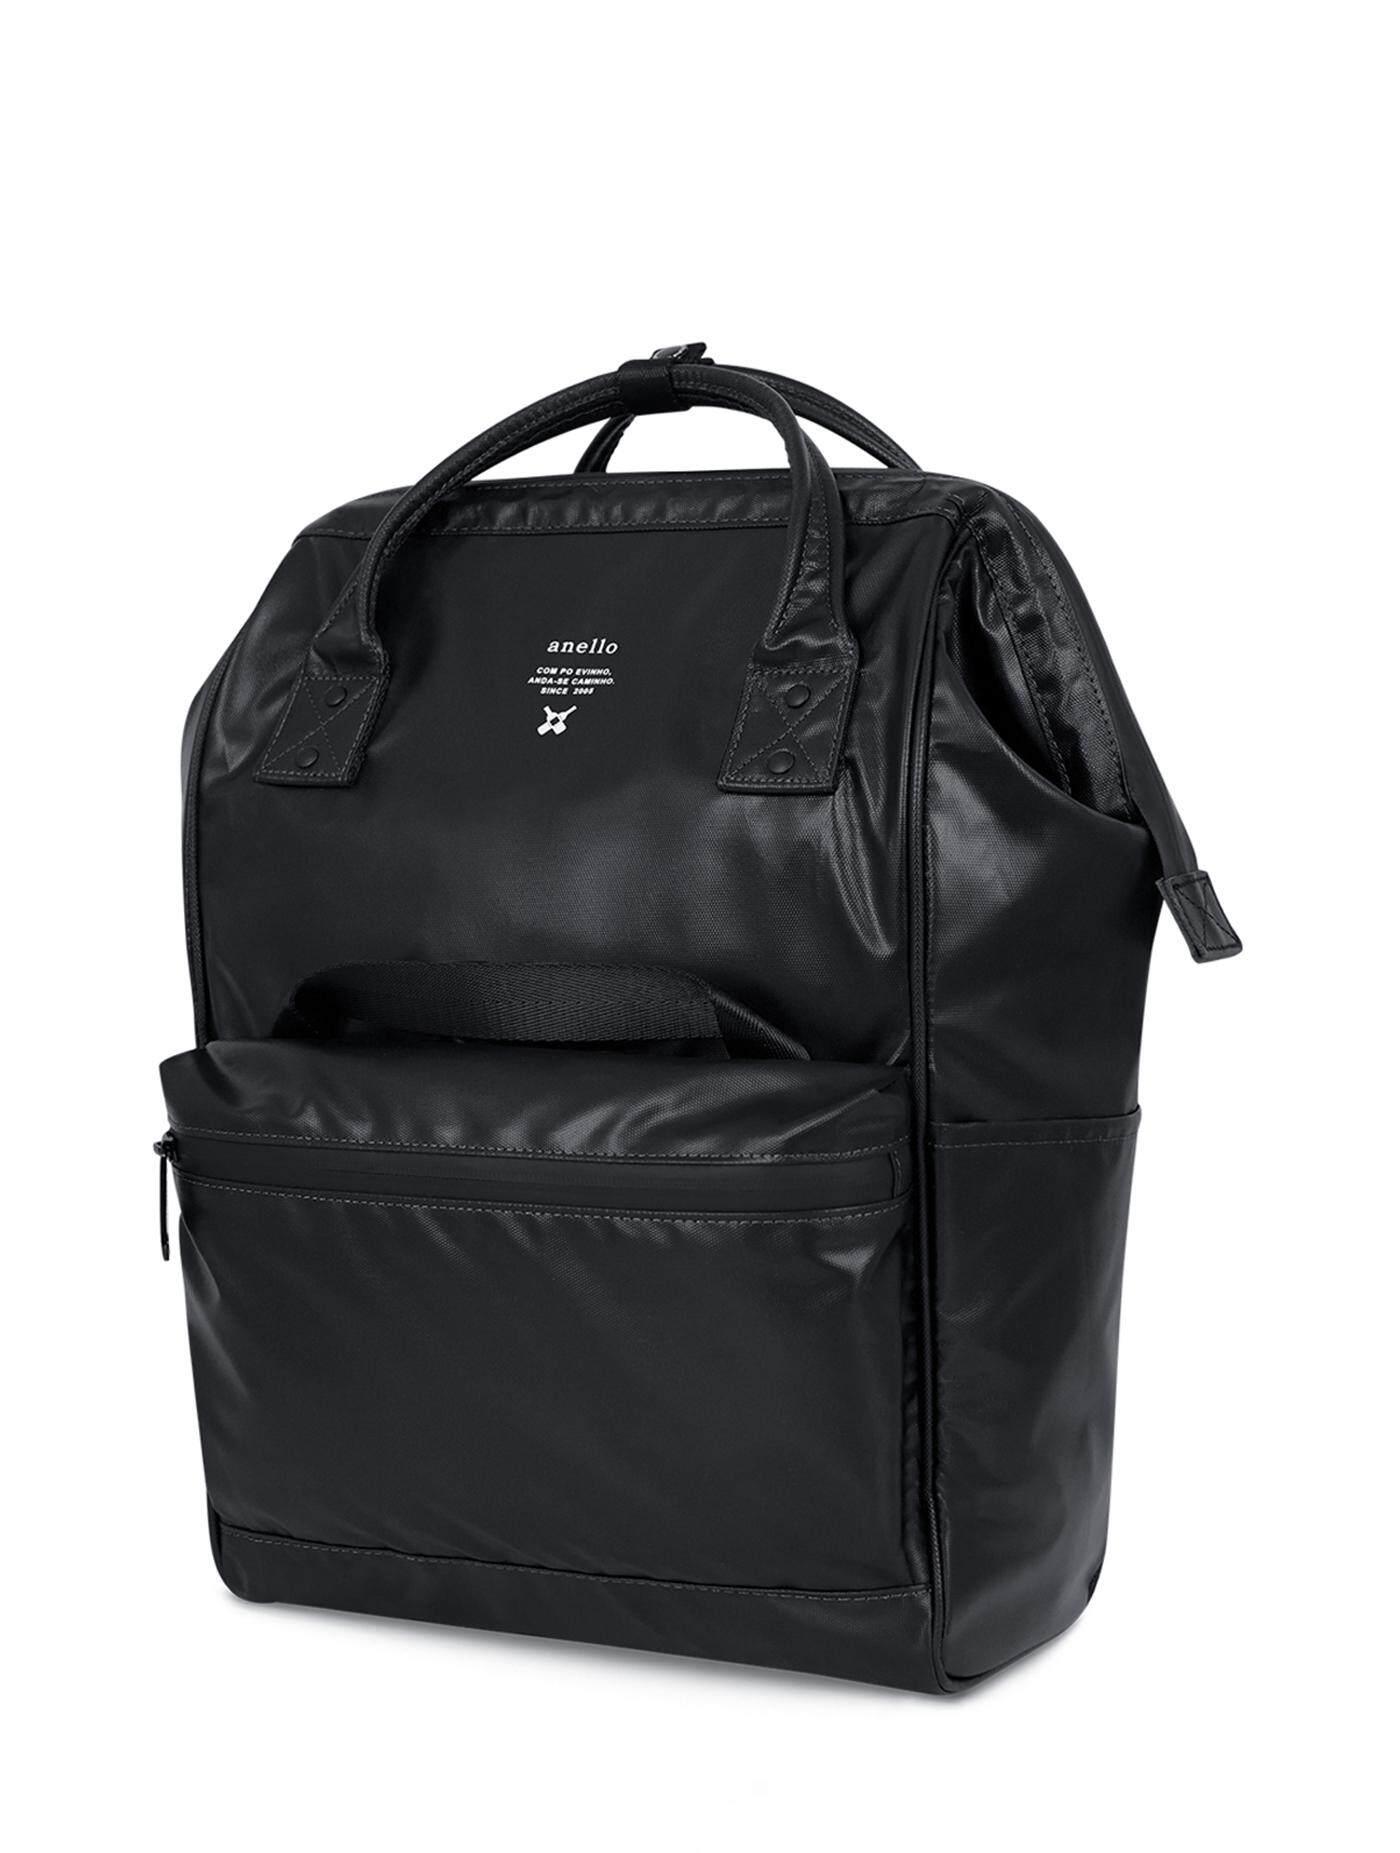 การใช้งาน  ชุมพร ANELLO กระเป๋าผู้ชาย กระเป๋าเป้ Regular Water Resistant รุ่น OS-B001_BK ขนาด Regular สีดำ